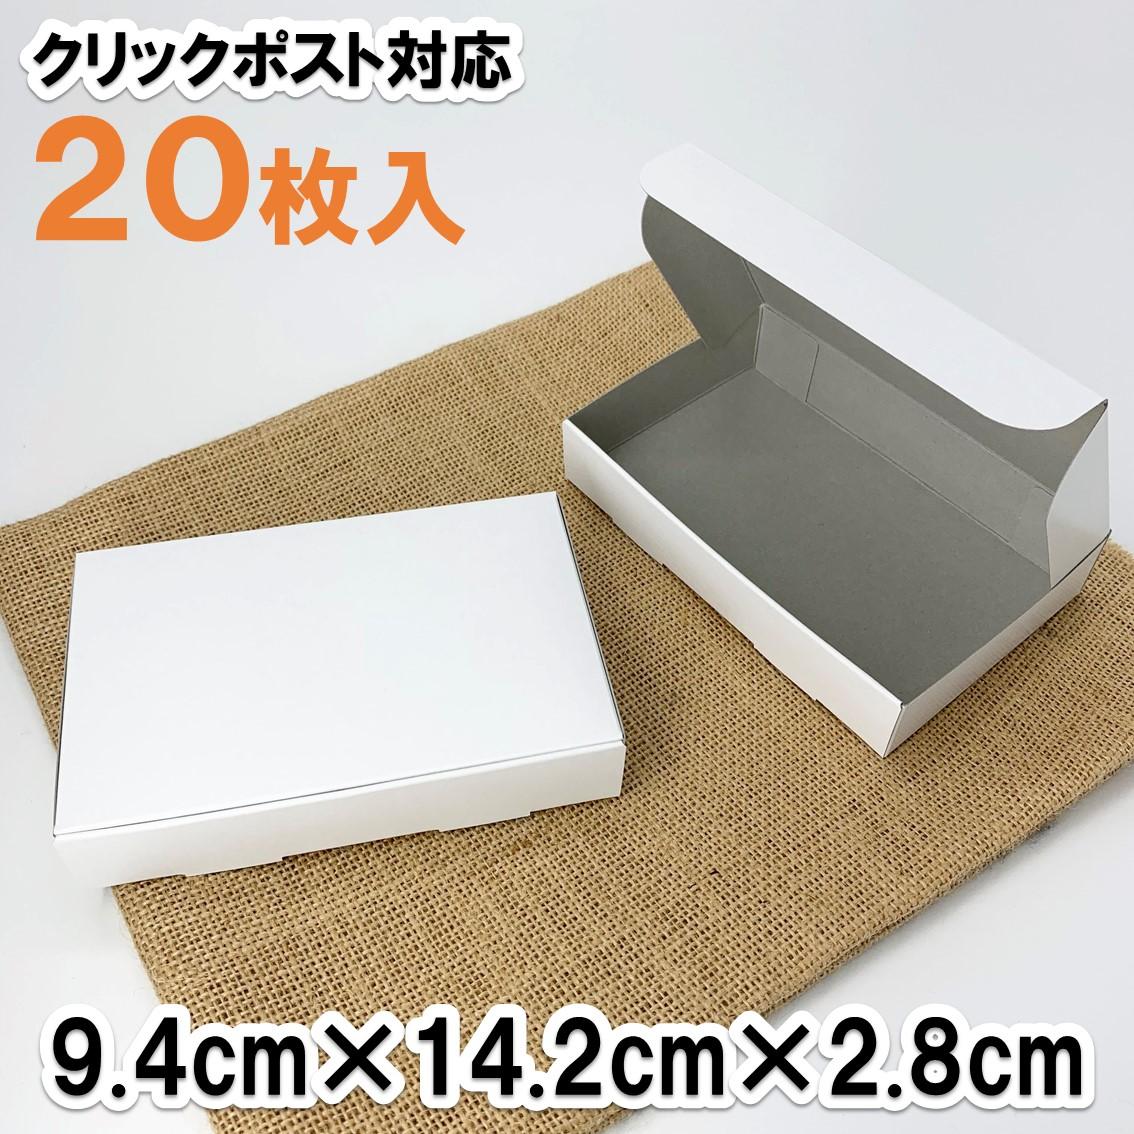 オンライン限定商品 クリックポスト 定形外郵便で送れるギフトBOX ギフトボックス ハンドメイド品など 小物の発送にどうぞ セットアップ 20枚 お買い得品 定形外郵便クリックポスト対応 ギフトBOX 送料込640円 白い箱